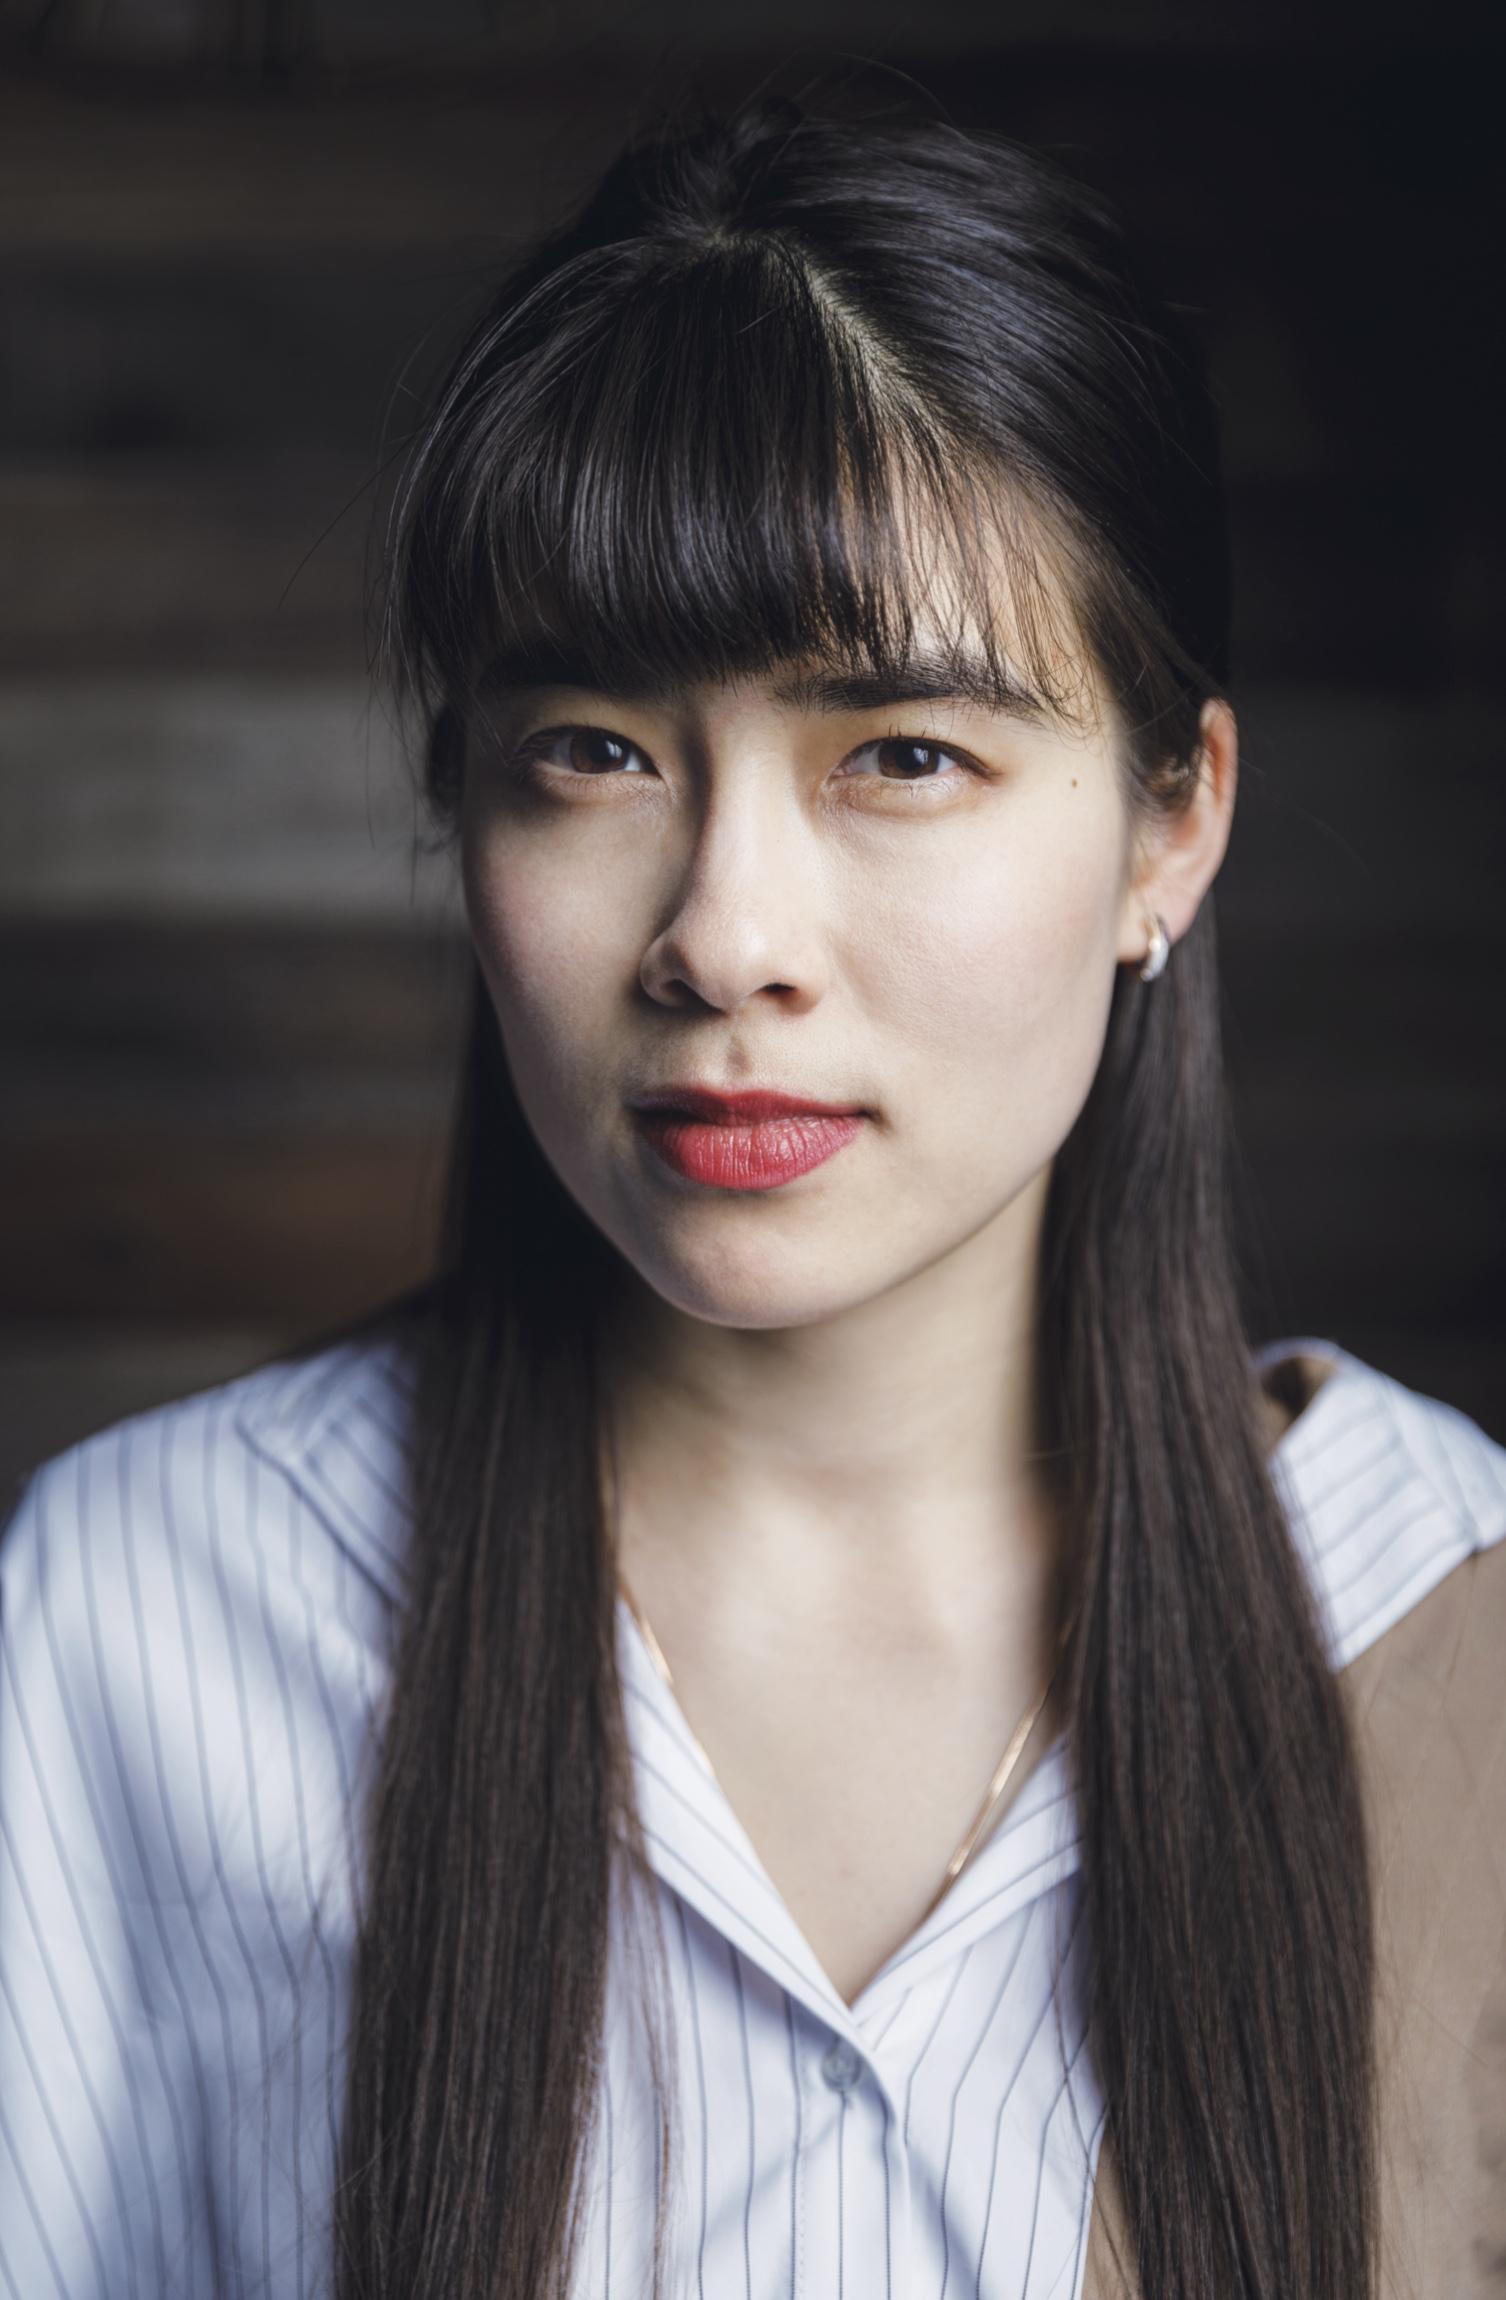 安田クリスチーナ:分散型ID技術で、見落とされがちな人々に力を